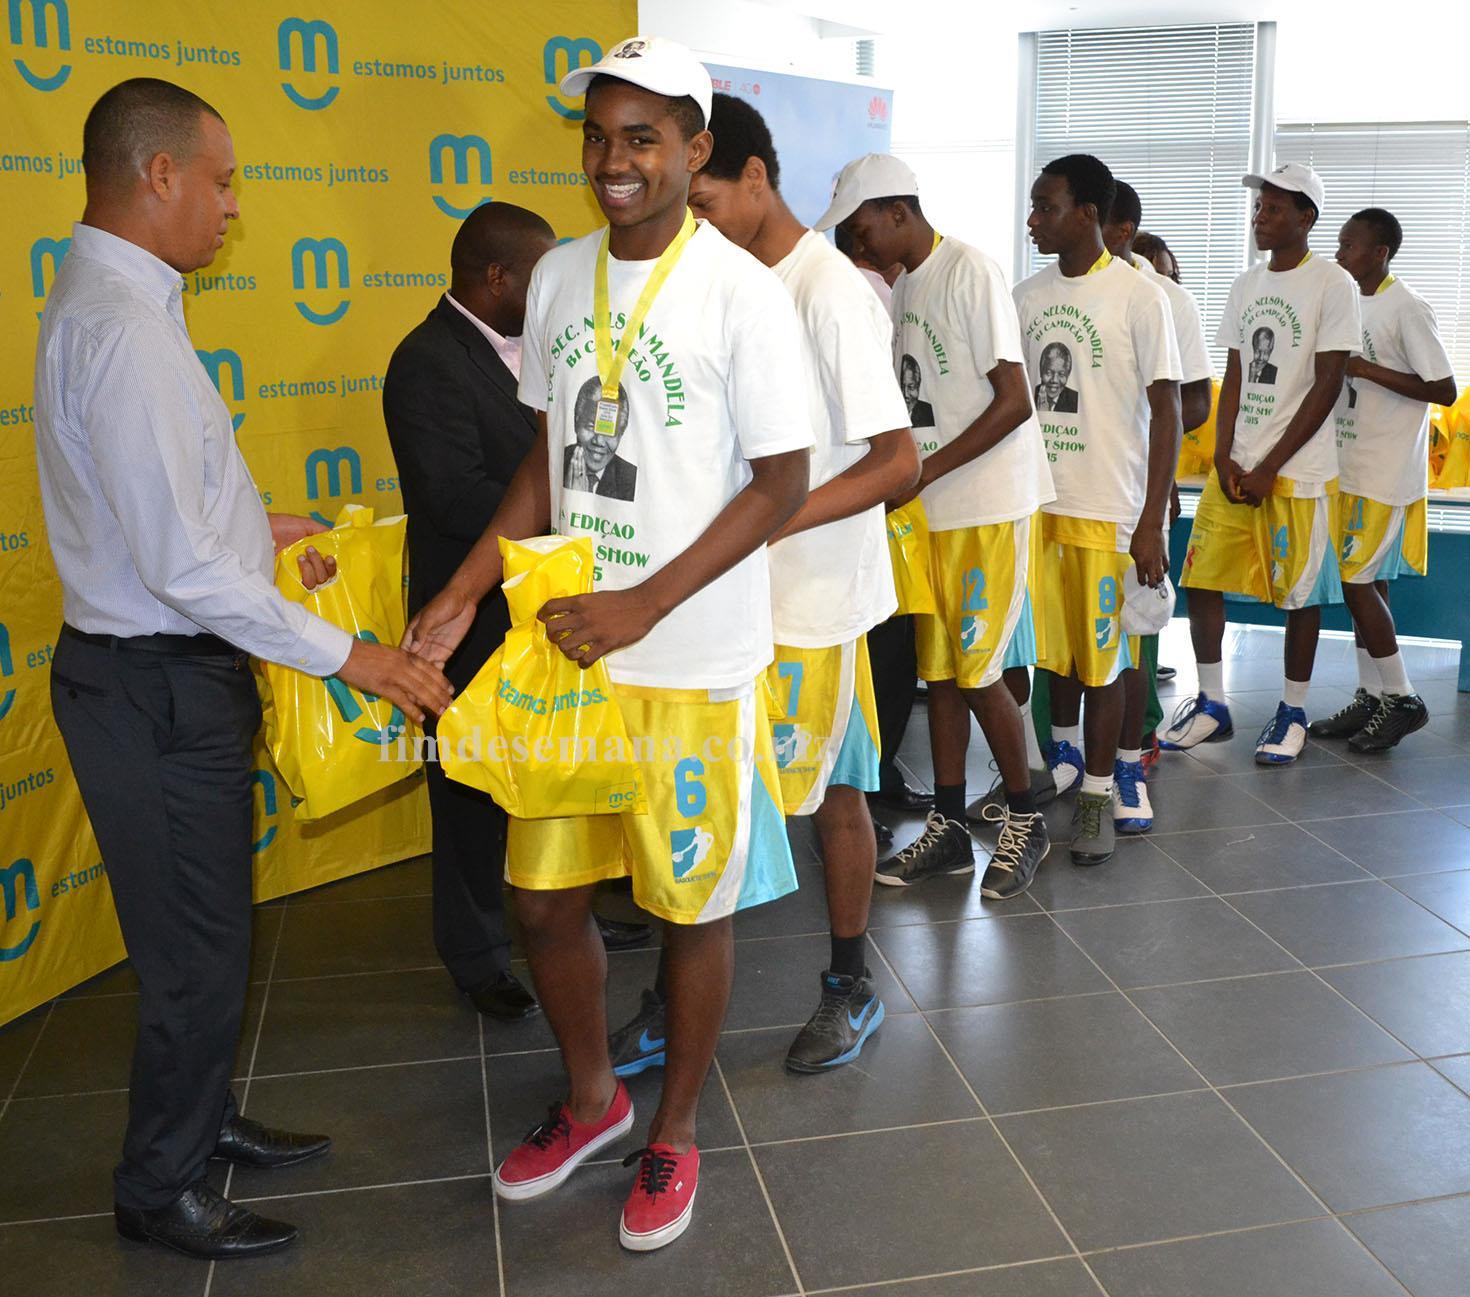 Altetas da Escola Secundária Nelson Mandela Campeã em masculinos recebendo os prémios